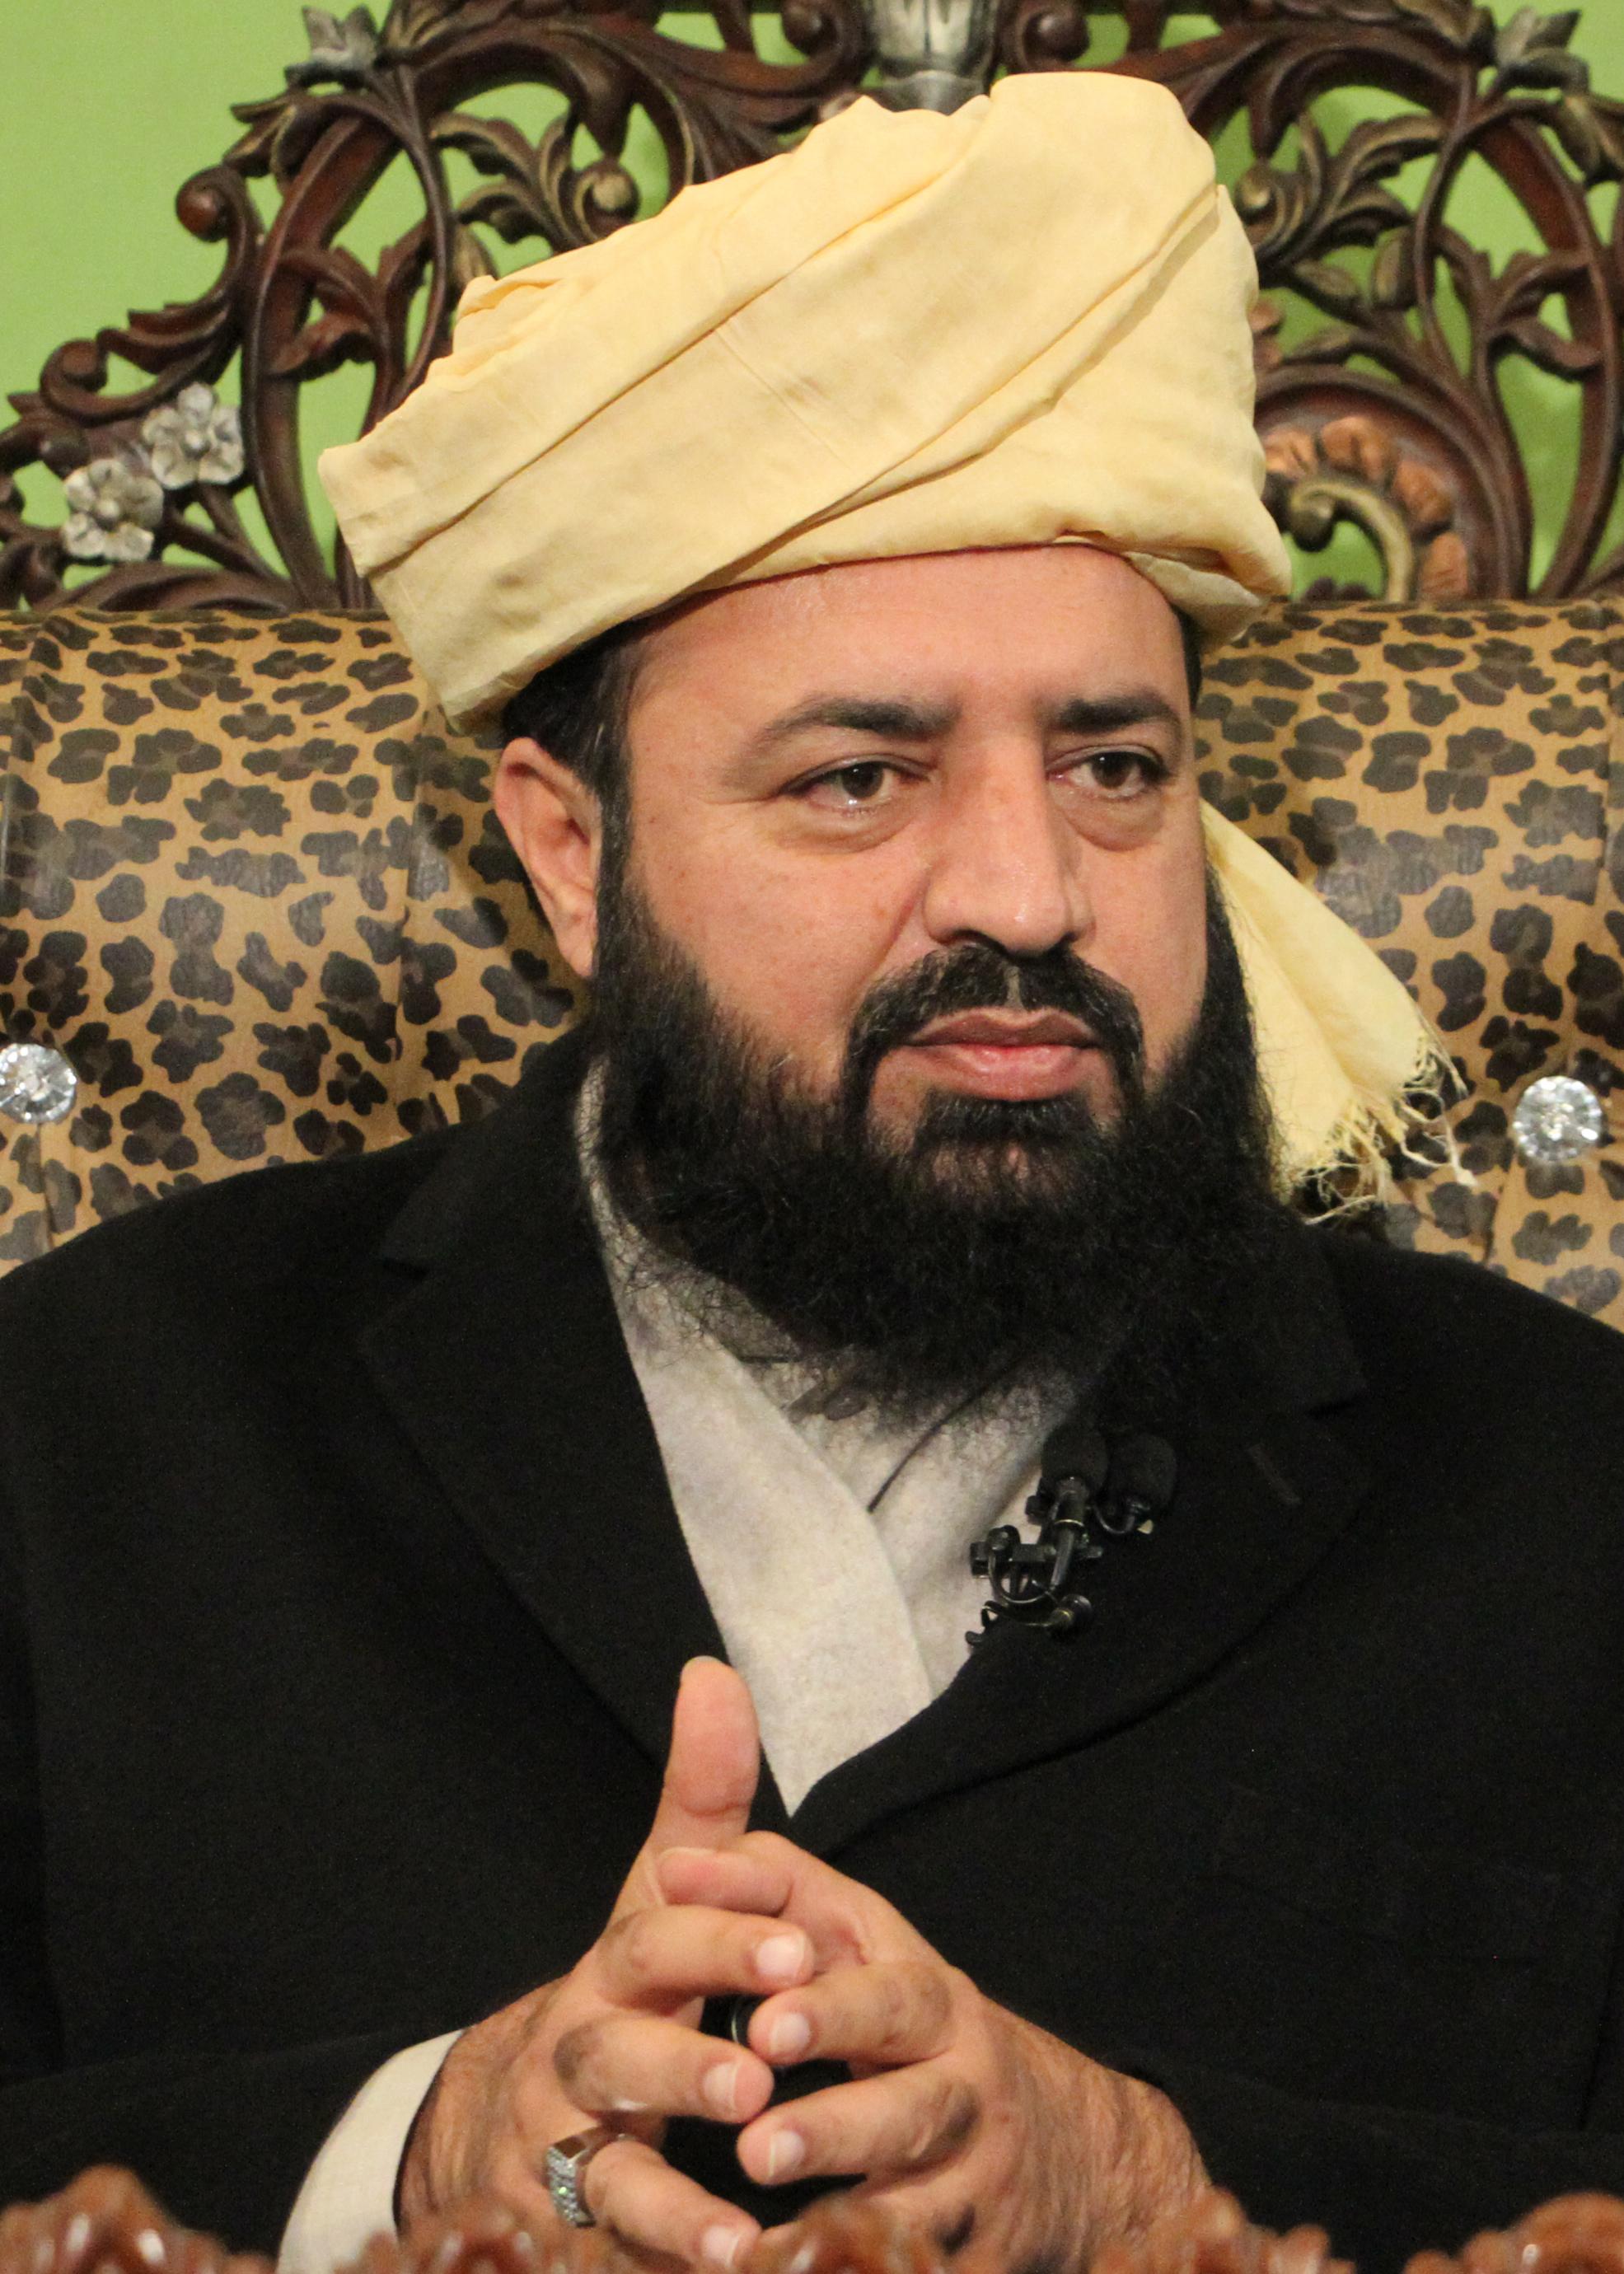 Mufti Naeem ki deen-e- islam ke liye khidmaat ko faramosh nahi kiya ja sakta - 1